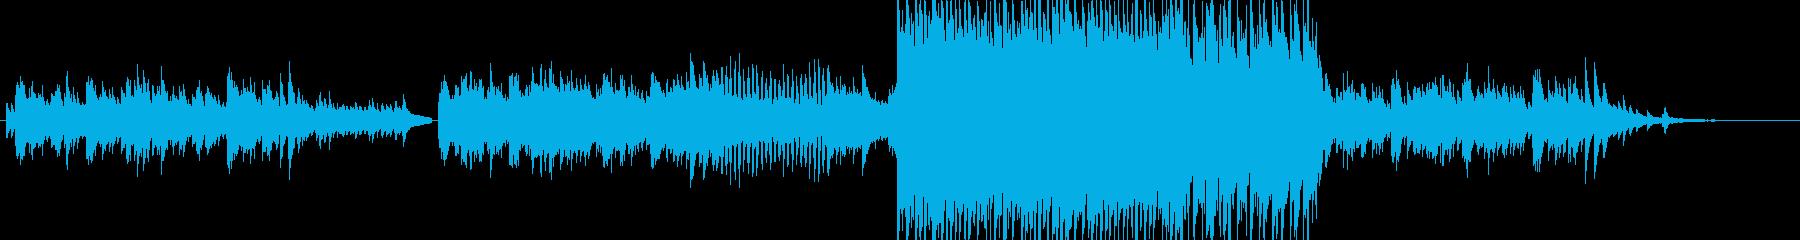 壮大に広がっていくイメージのロック曲の再生済みの波形